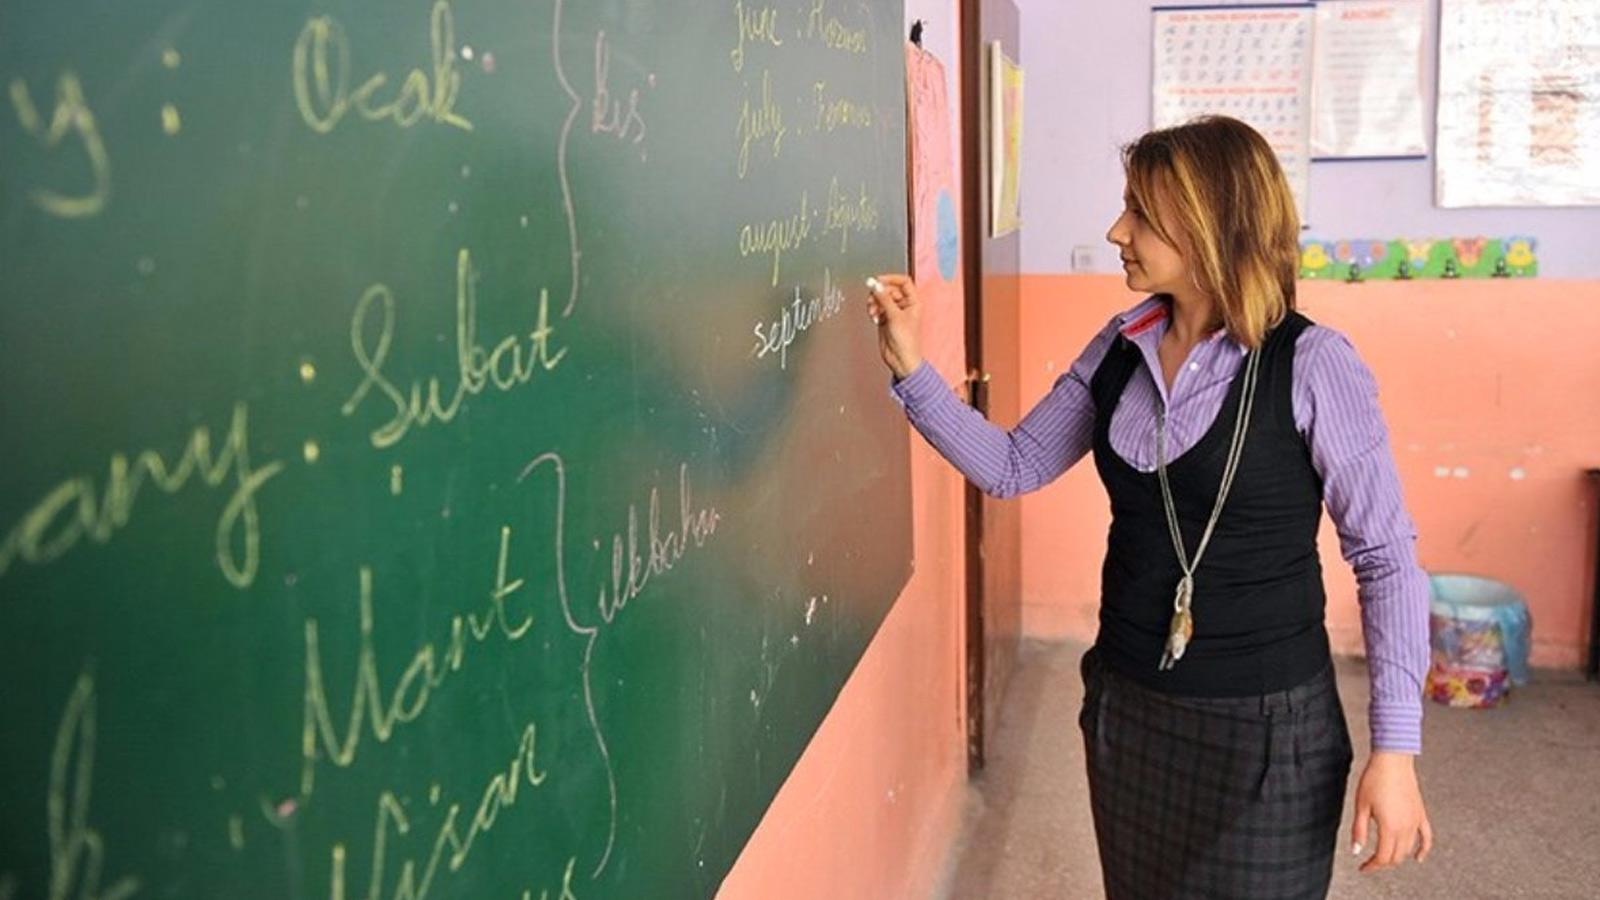 MEB'in 20 bin sözleşmeli öğretmen alımına 24 saatte yaklaşık 60 ...